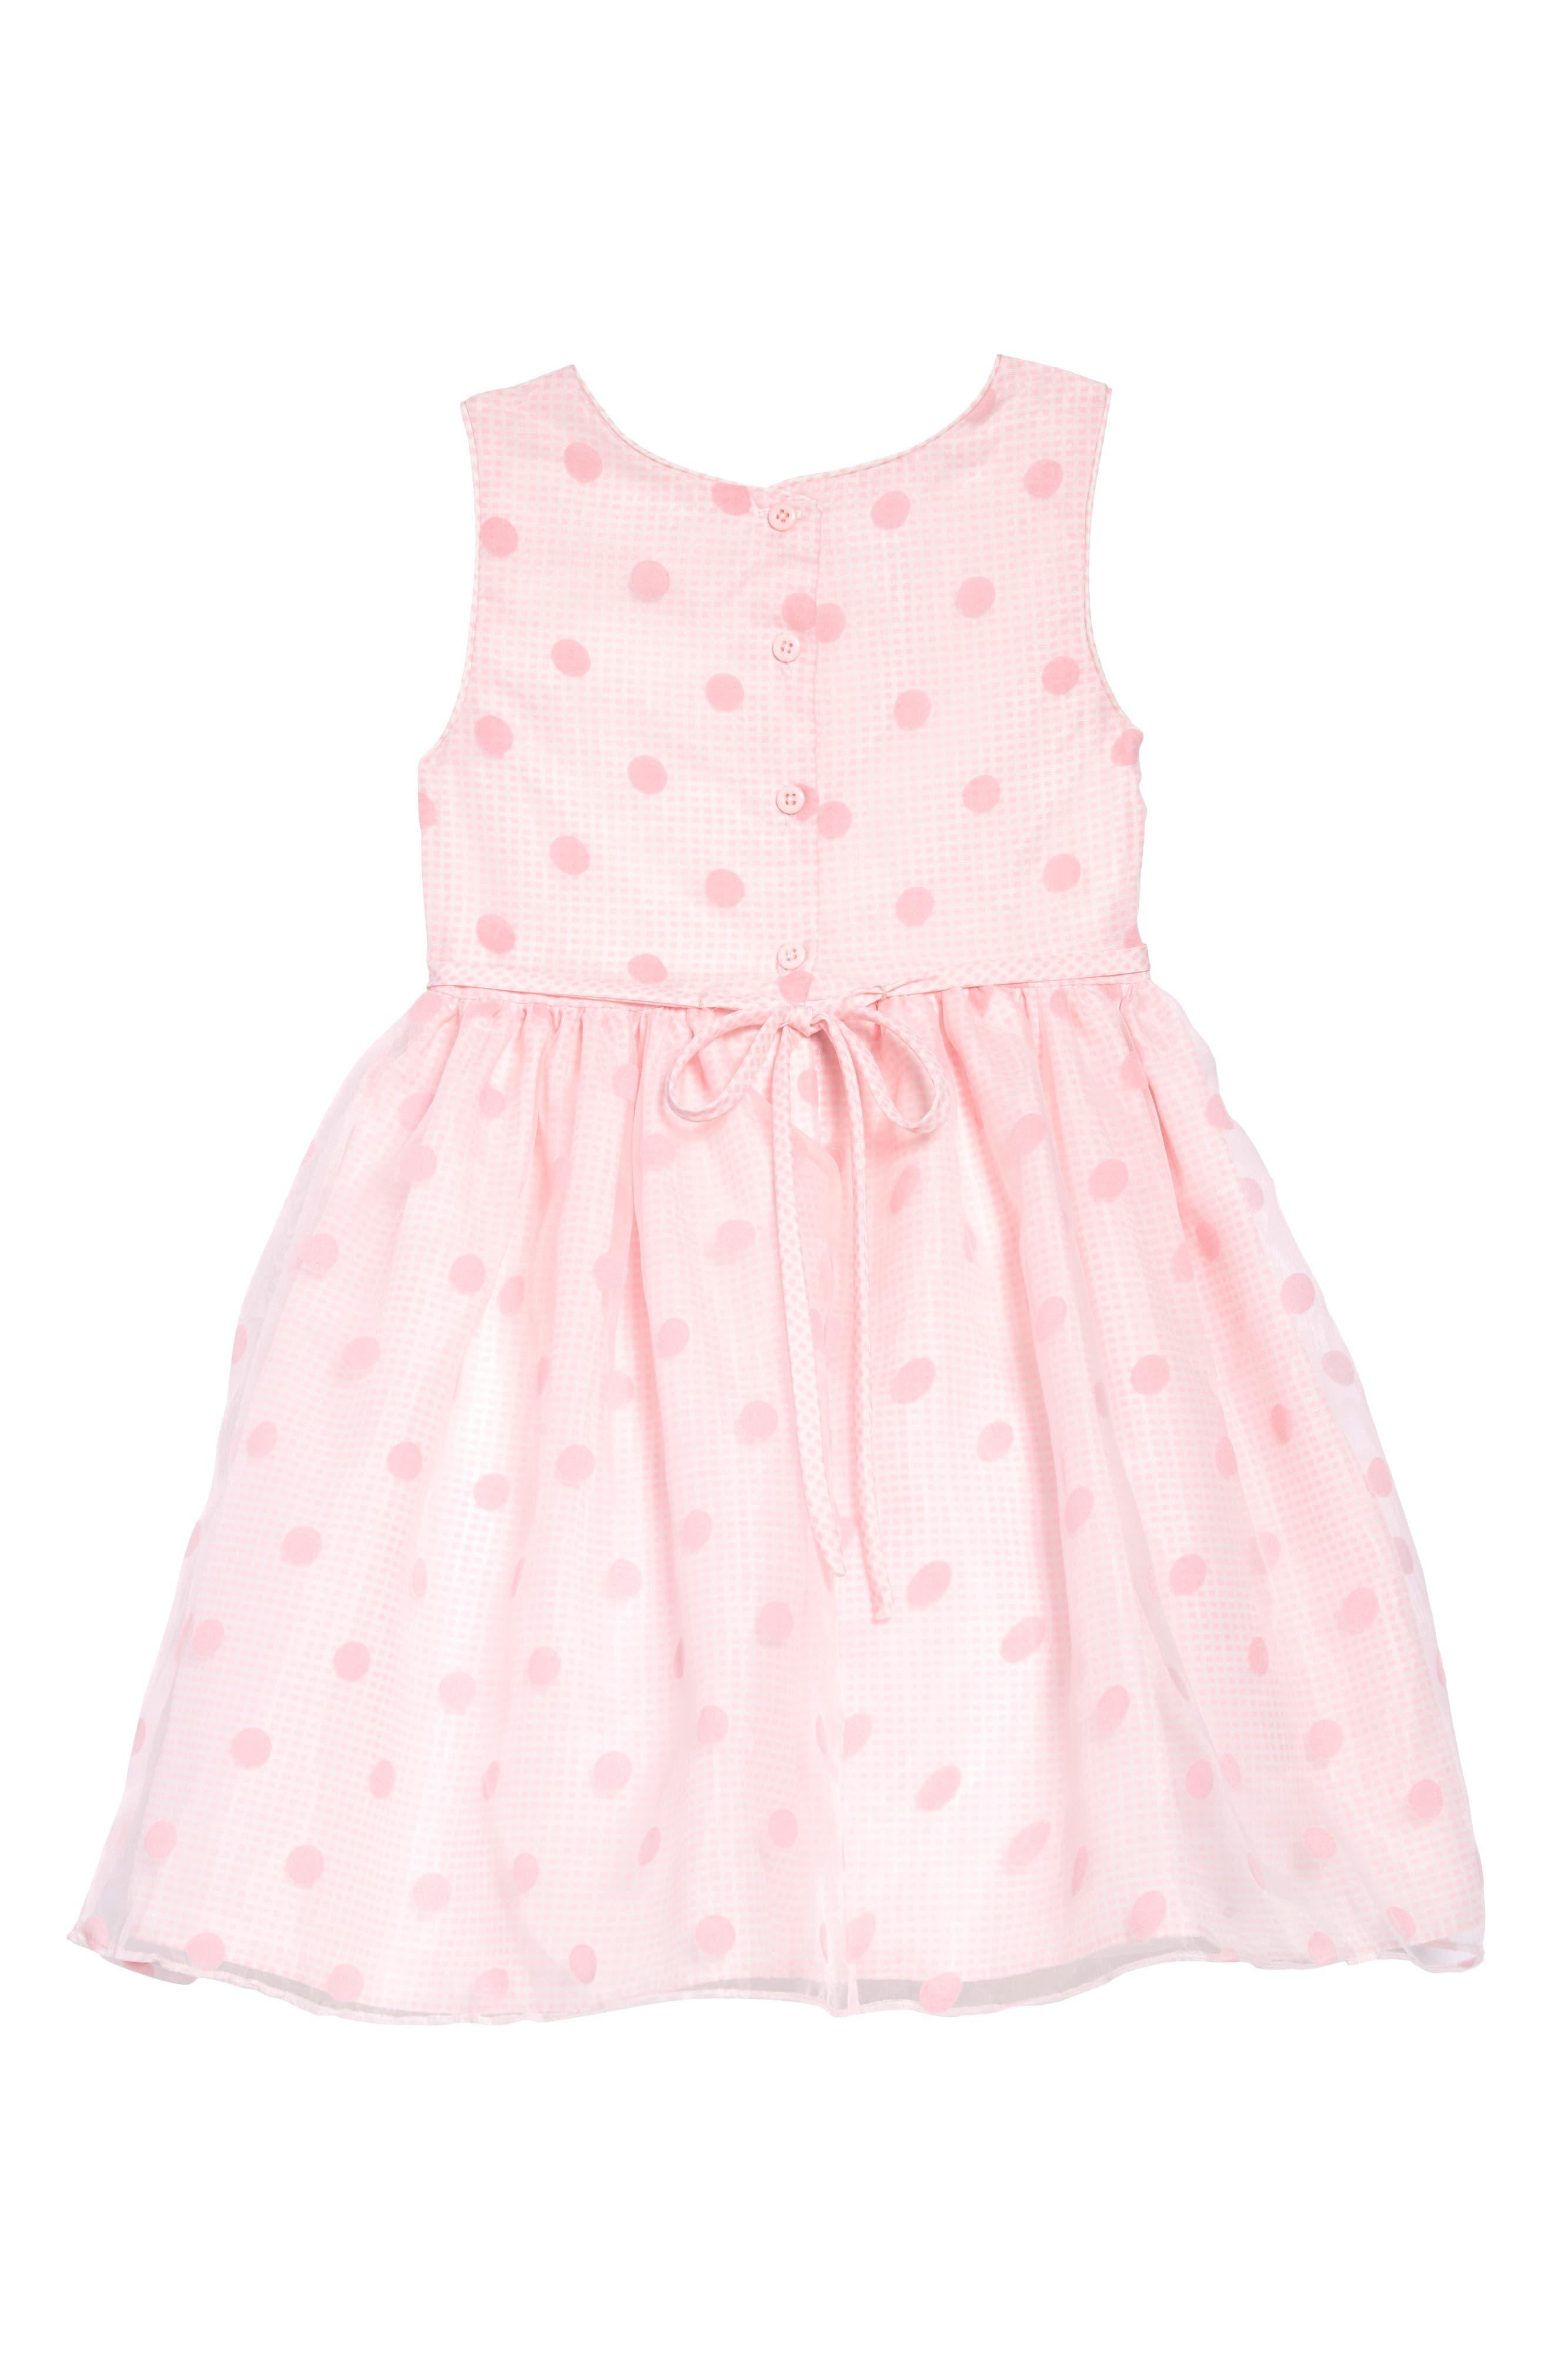 FRAIS, Dot Overlay Gingham Dress, Alternate thumbnail 2, color, PINK